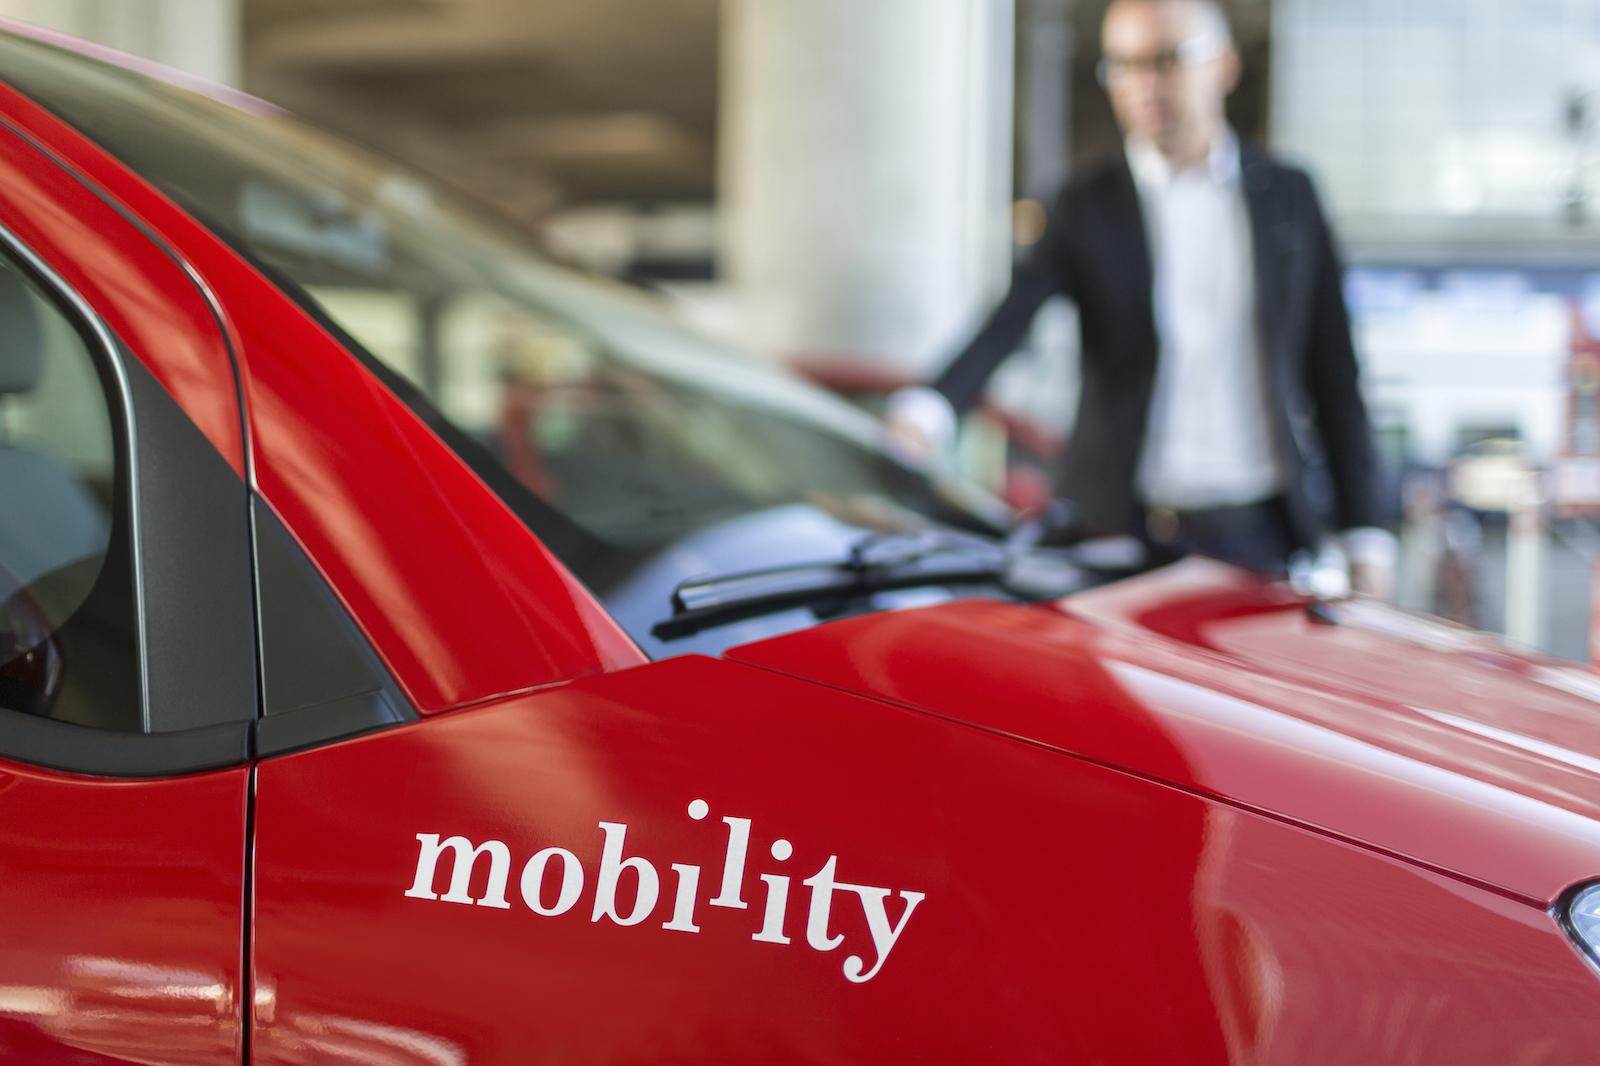 Les voitures rouge vif de Mobility animent la circulation depuis de nombreuses années. Les véhicules d'autopartage de sharoo, quant à eux, ont disparu.